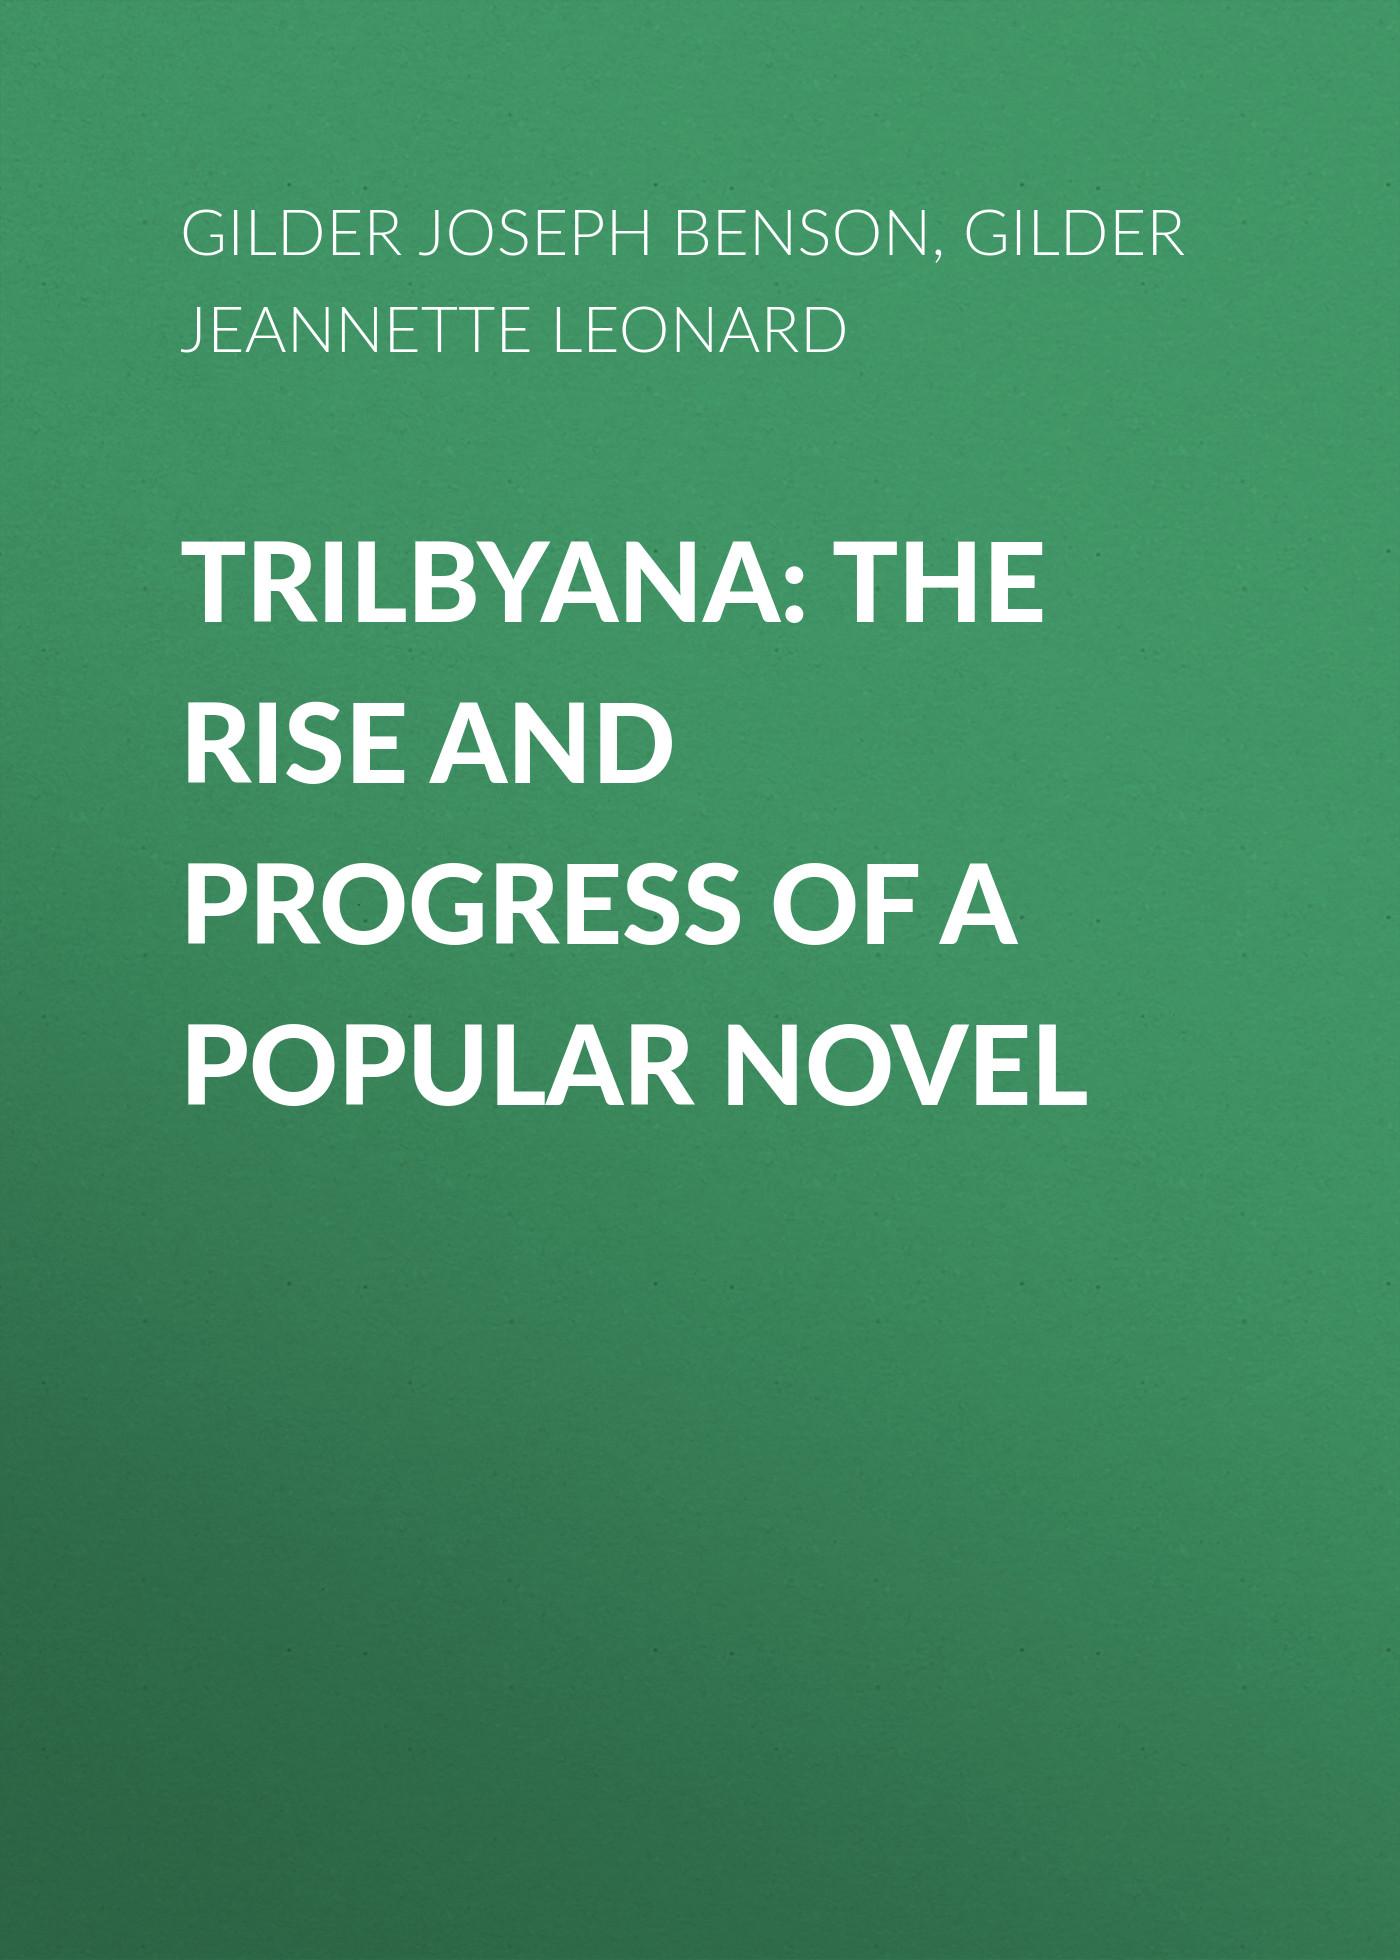 Gilder Jeannette Leonard Trilbyana: The Rise and Progress of a Popular Novel william h gilder der untergang der jeannette expedition